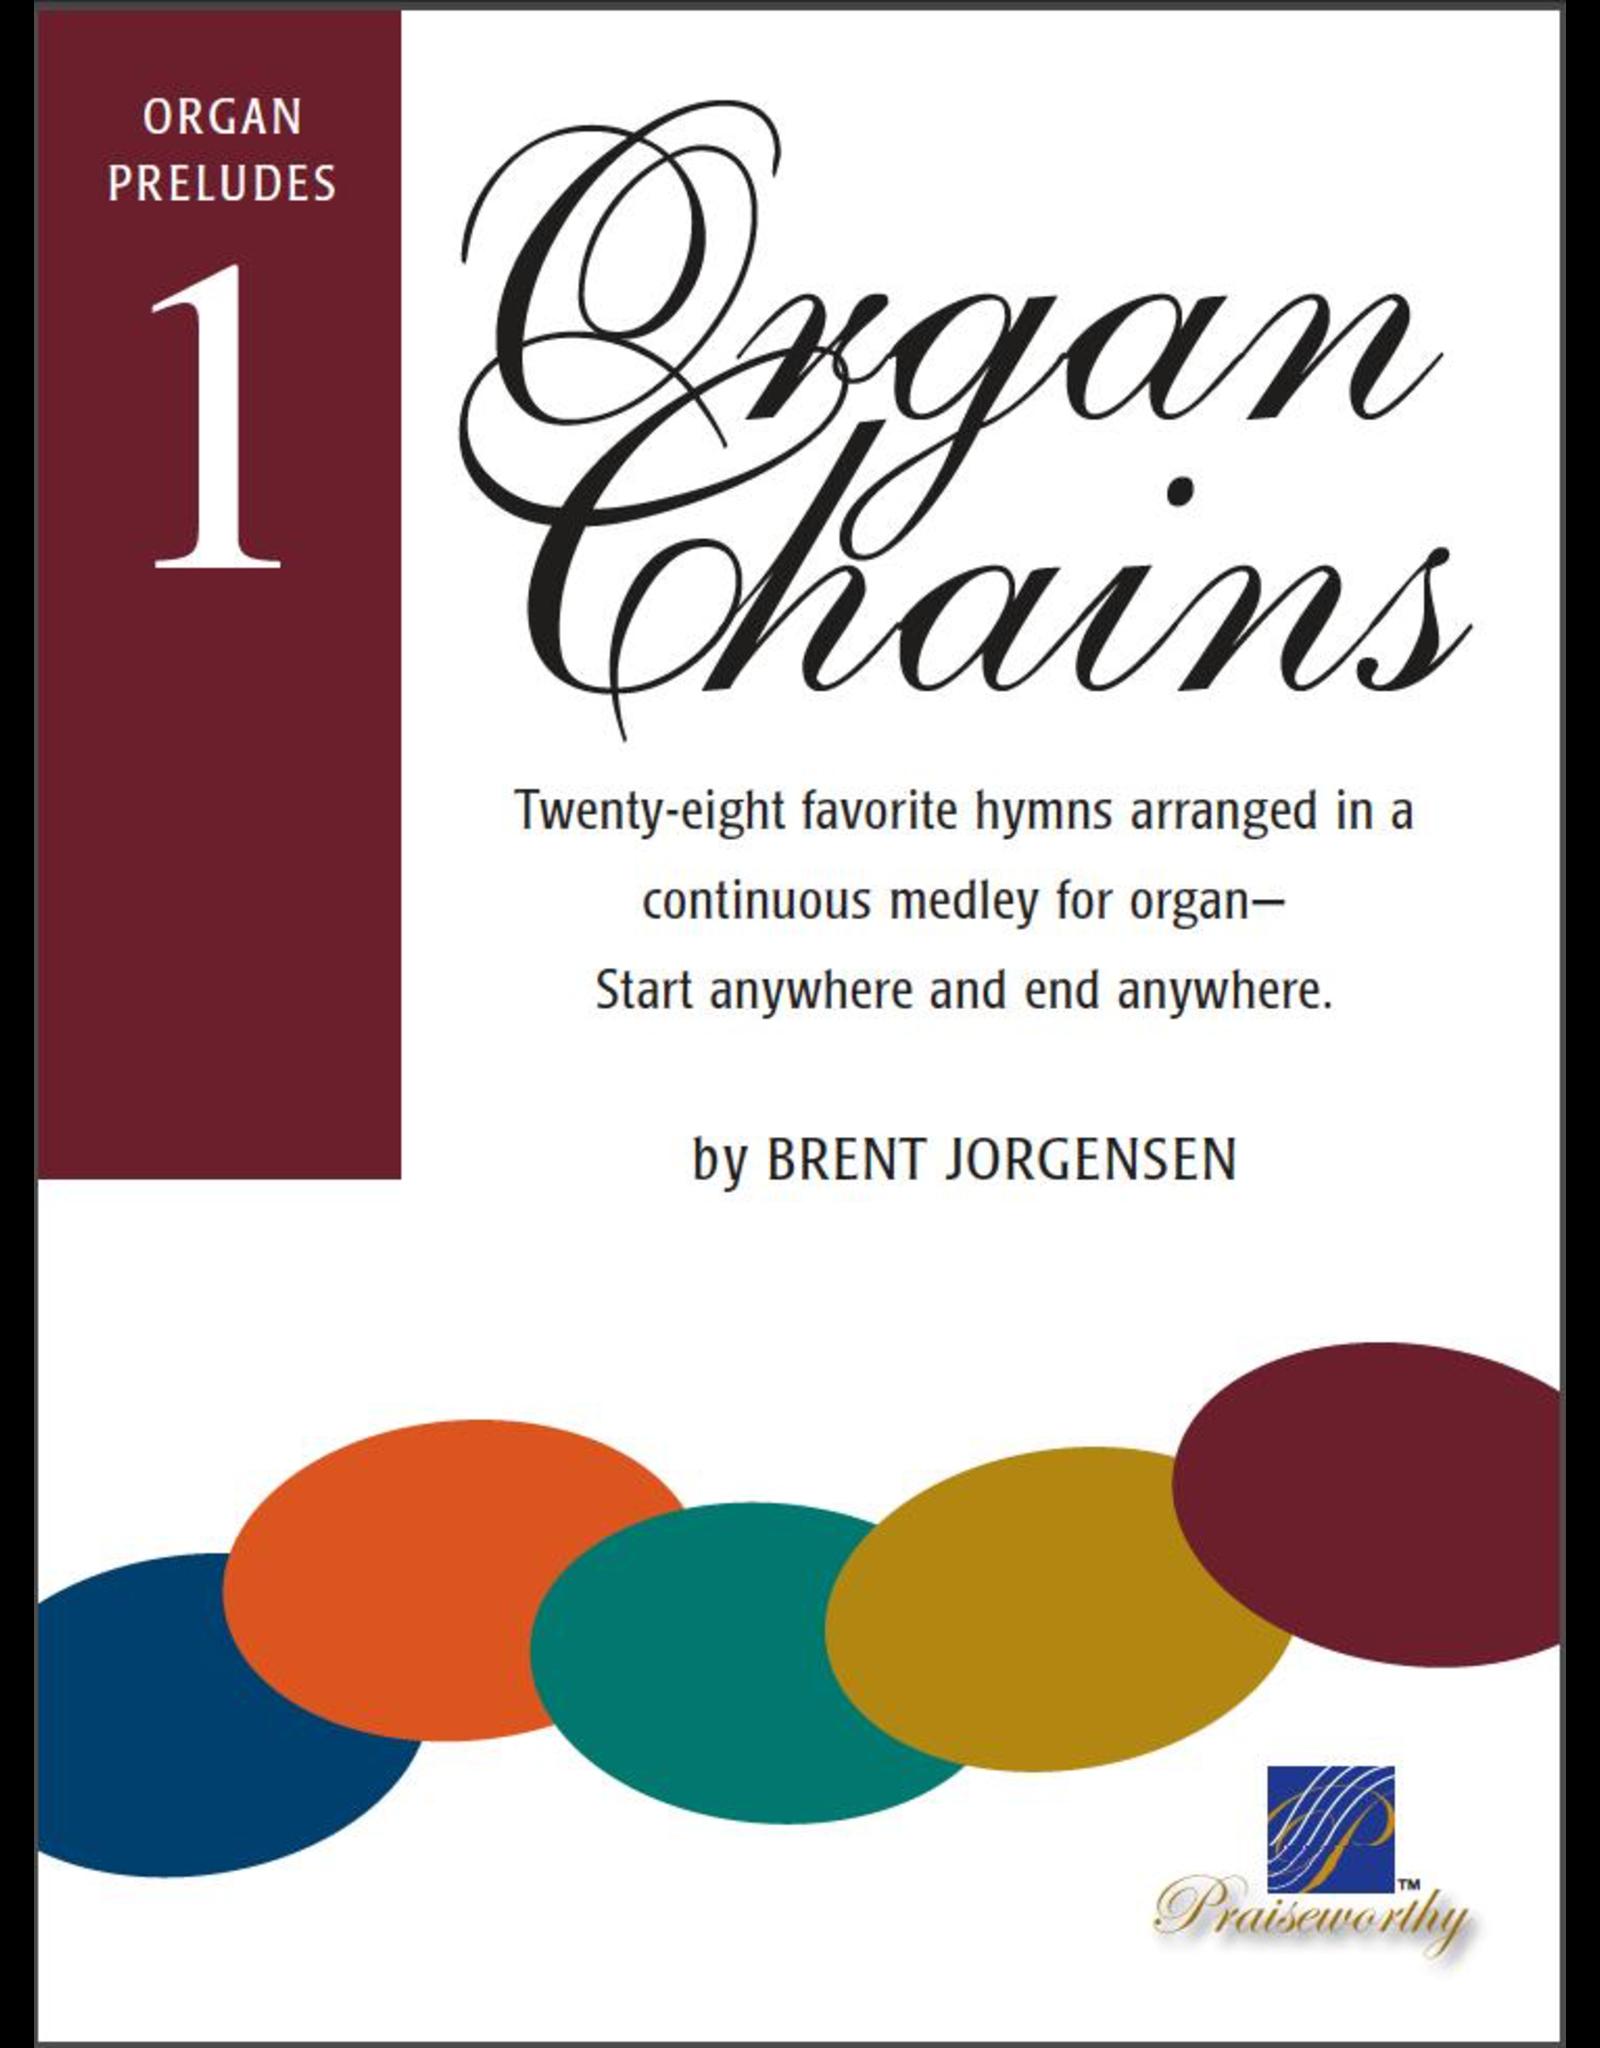 Jackman Music Organ Chains Book 1 Brent Jorgensen